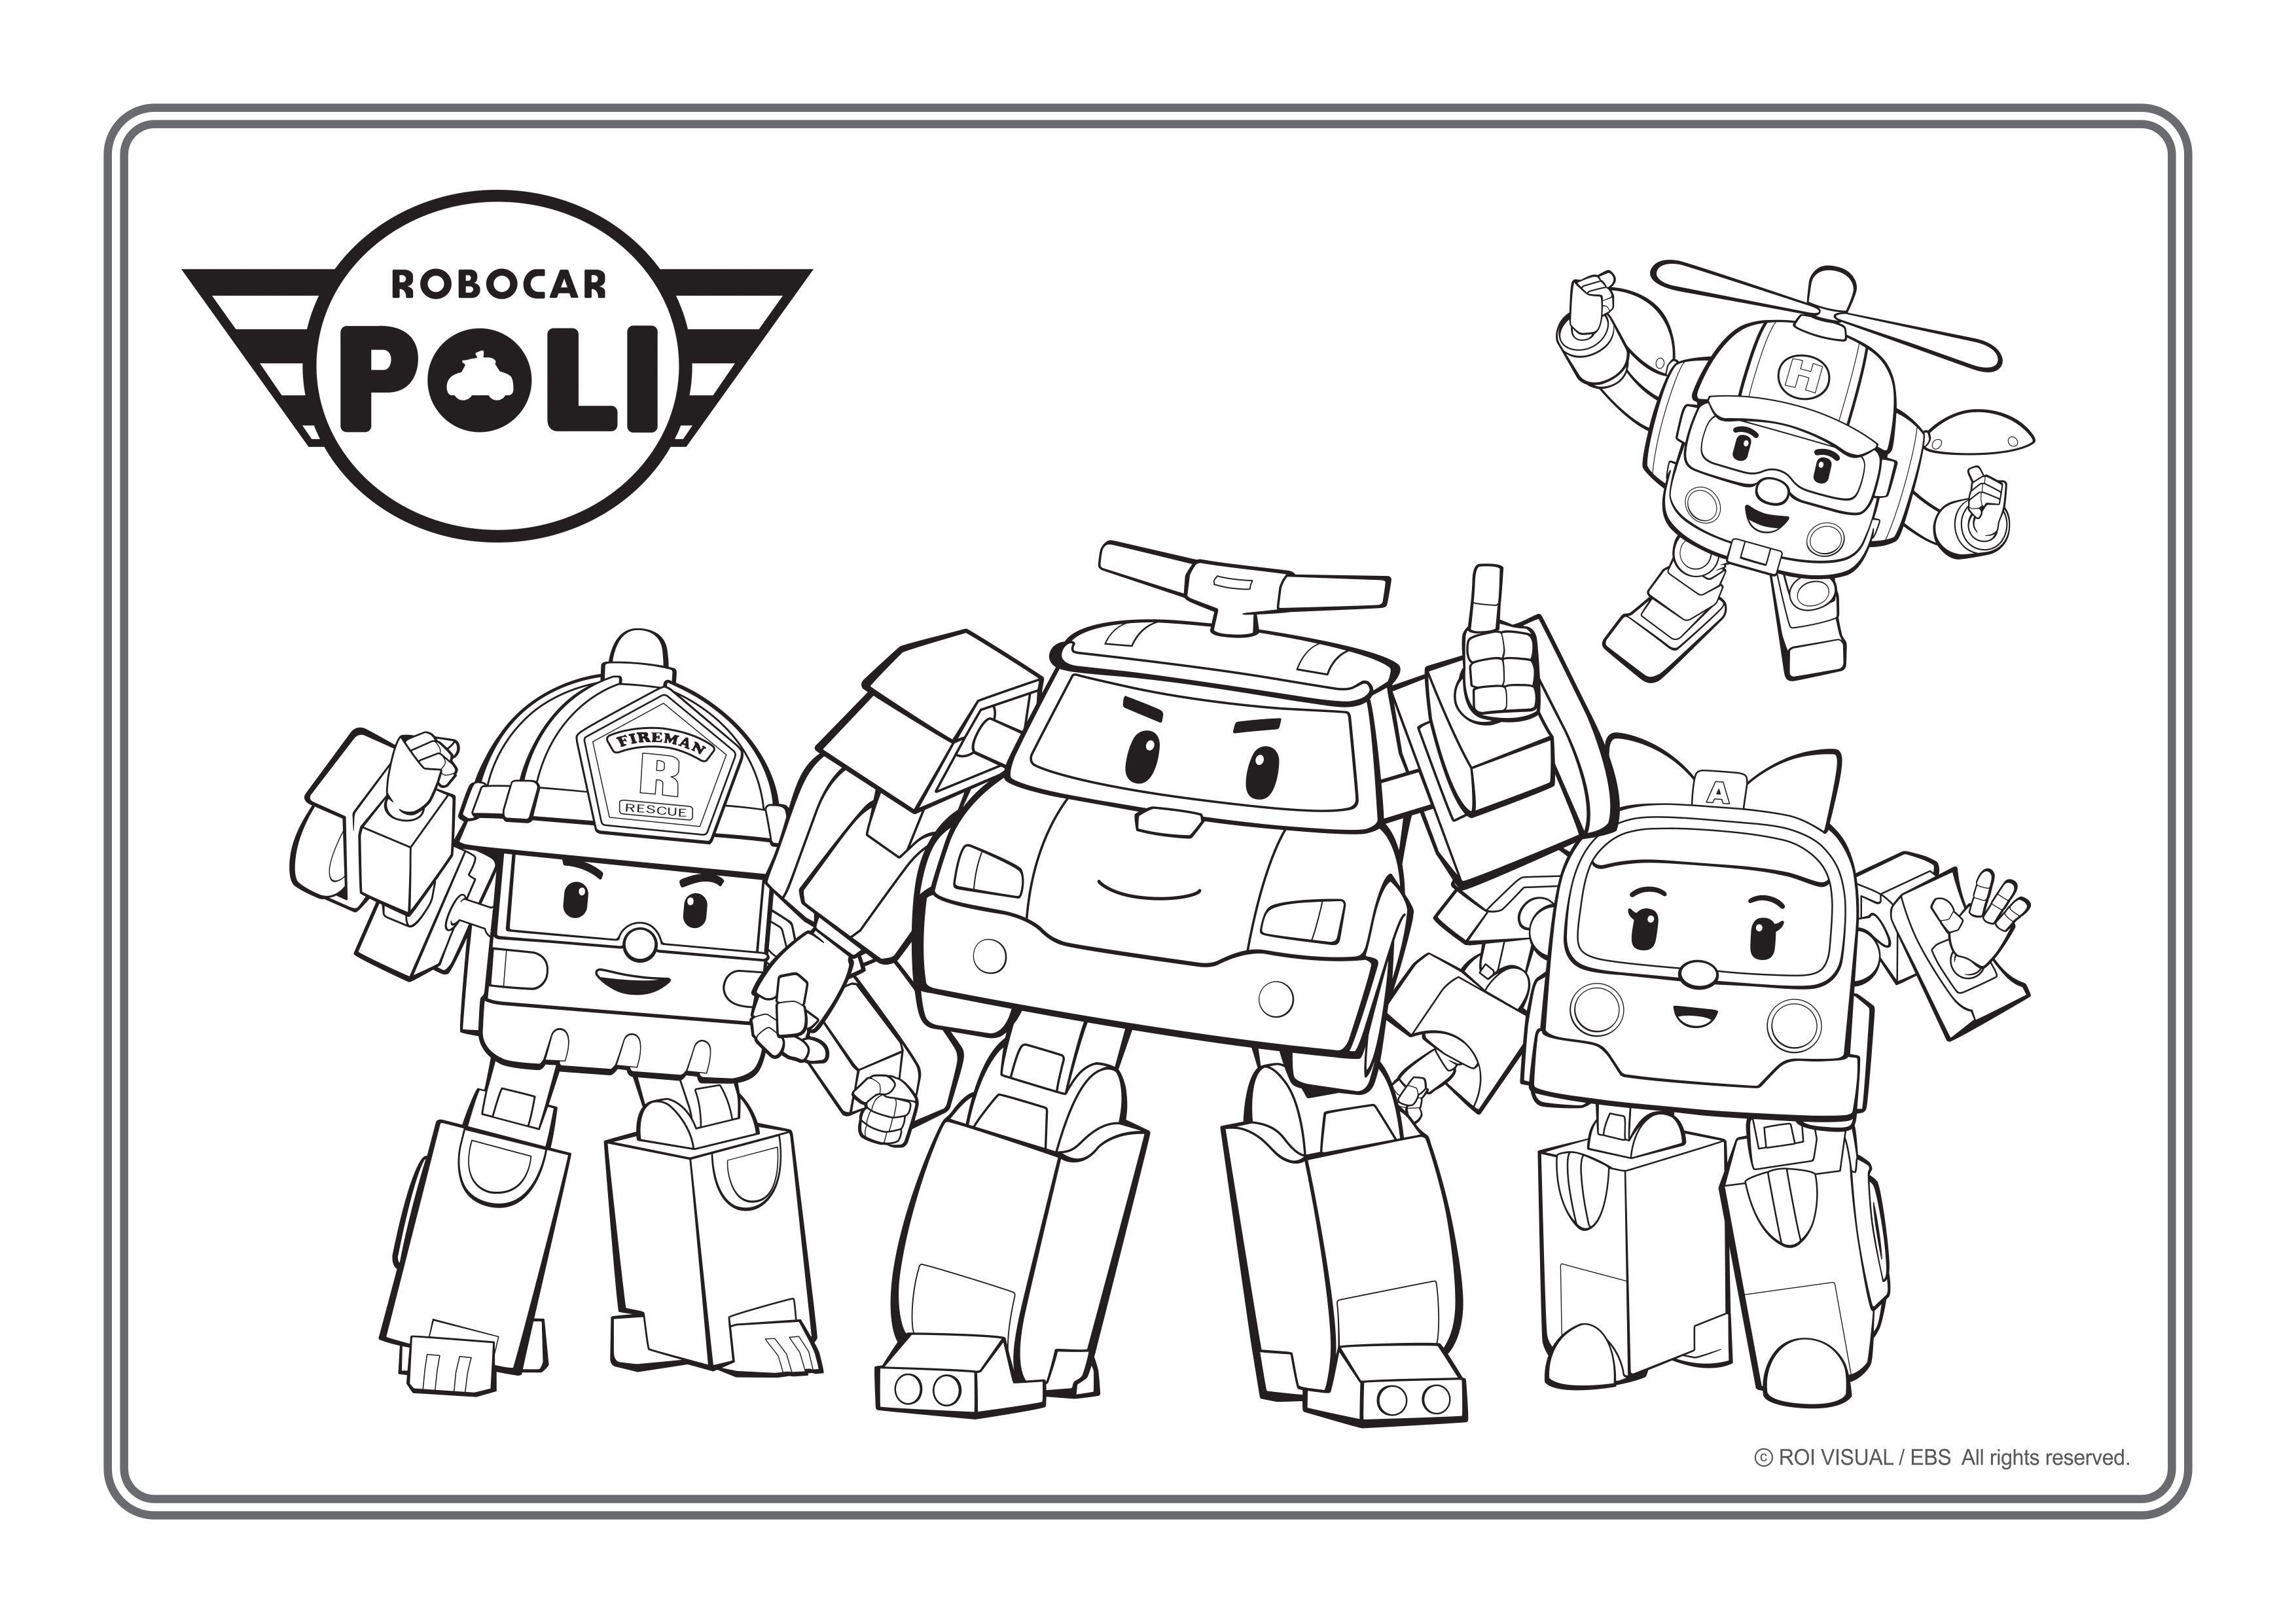 coloring pages에 있는 Amy Skomski님의 핀 - 2020(이미지 포함) | 유아 미술 ...